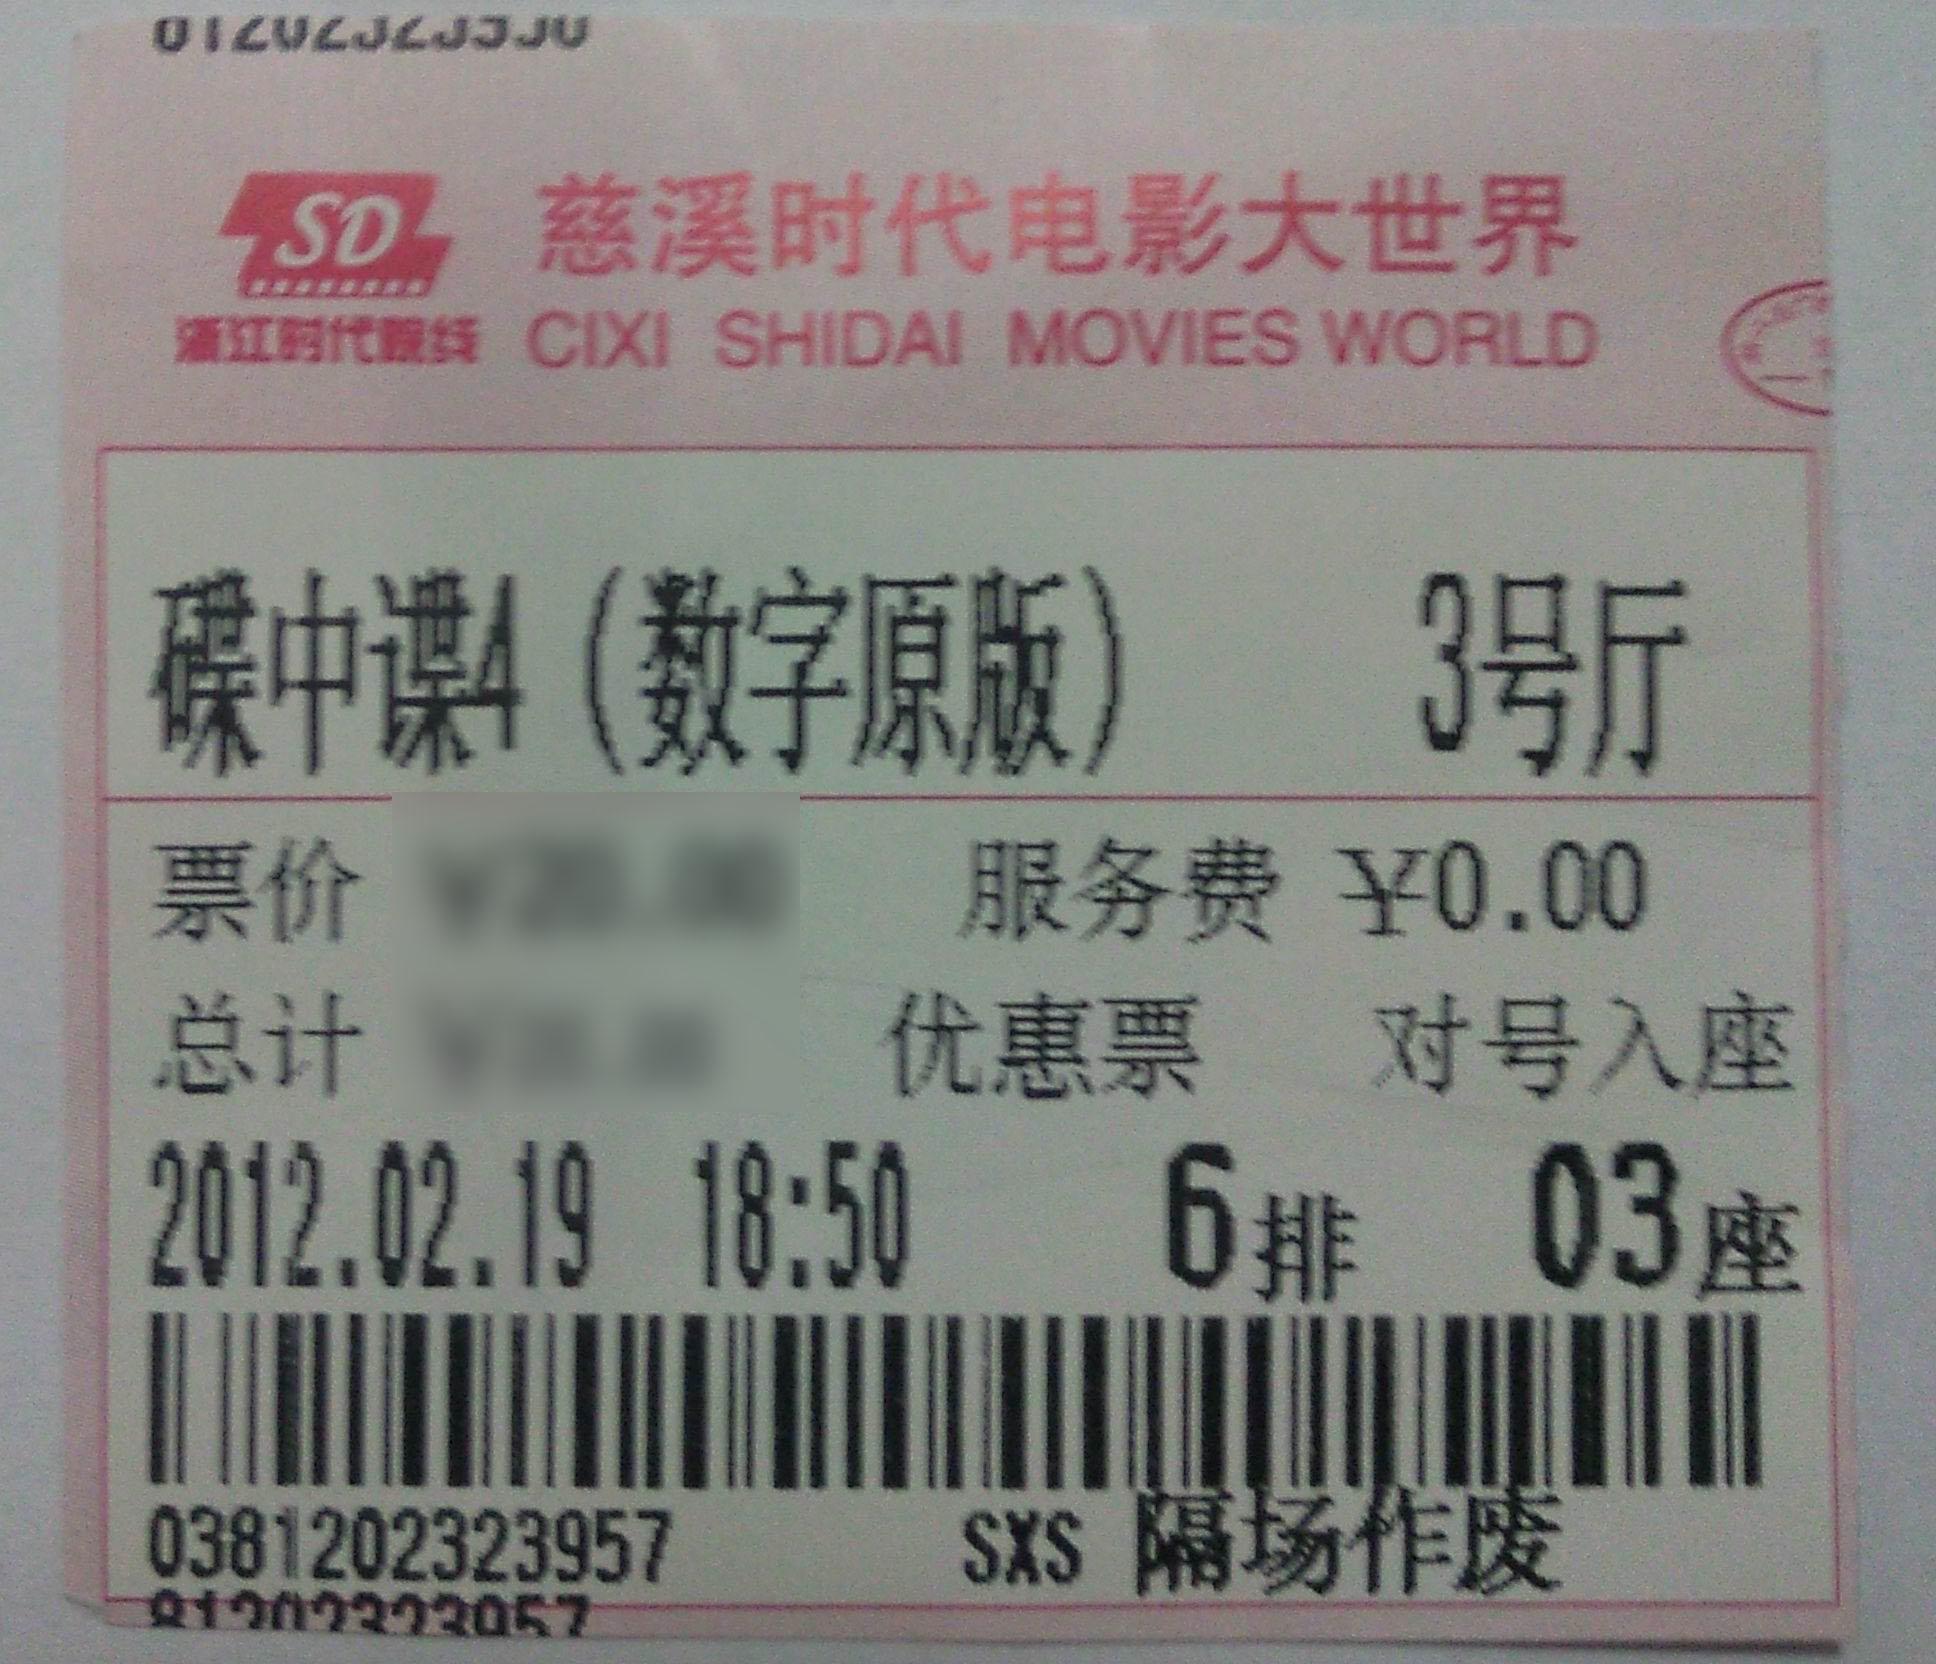 慈溪时电影世界2d电影超值特惠25元